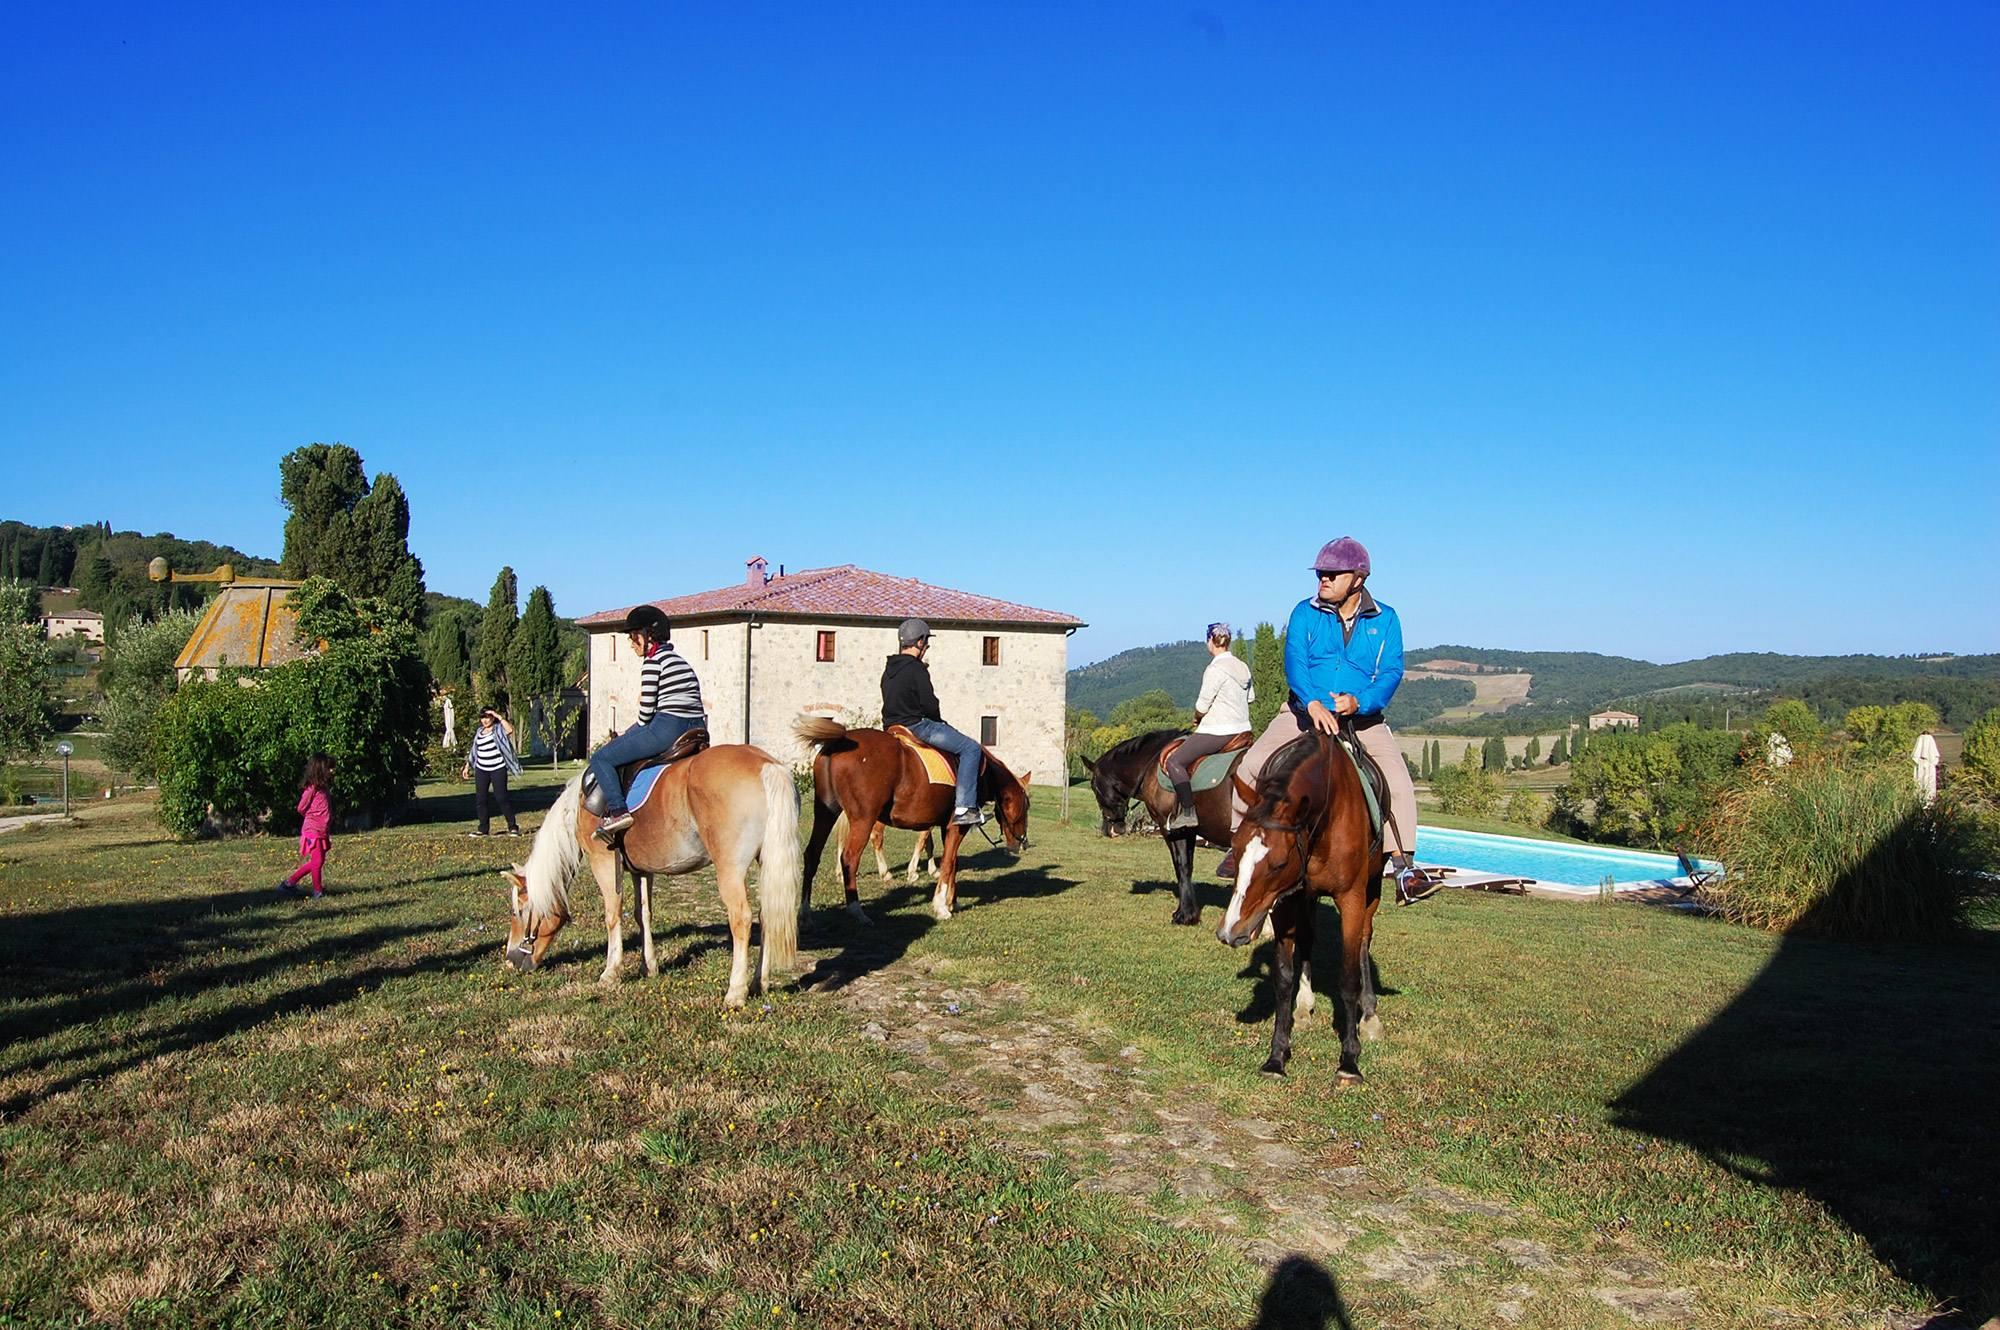 equitazione per famiglie in villa toscana